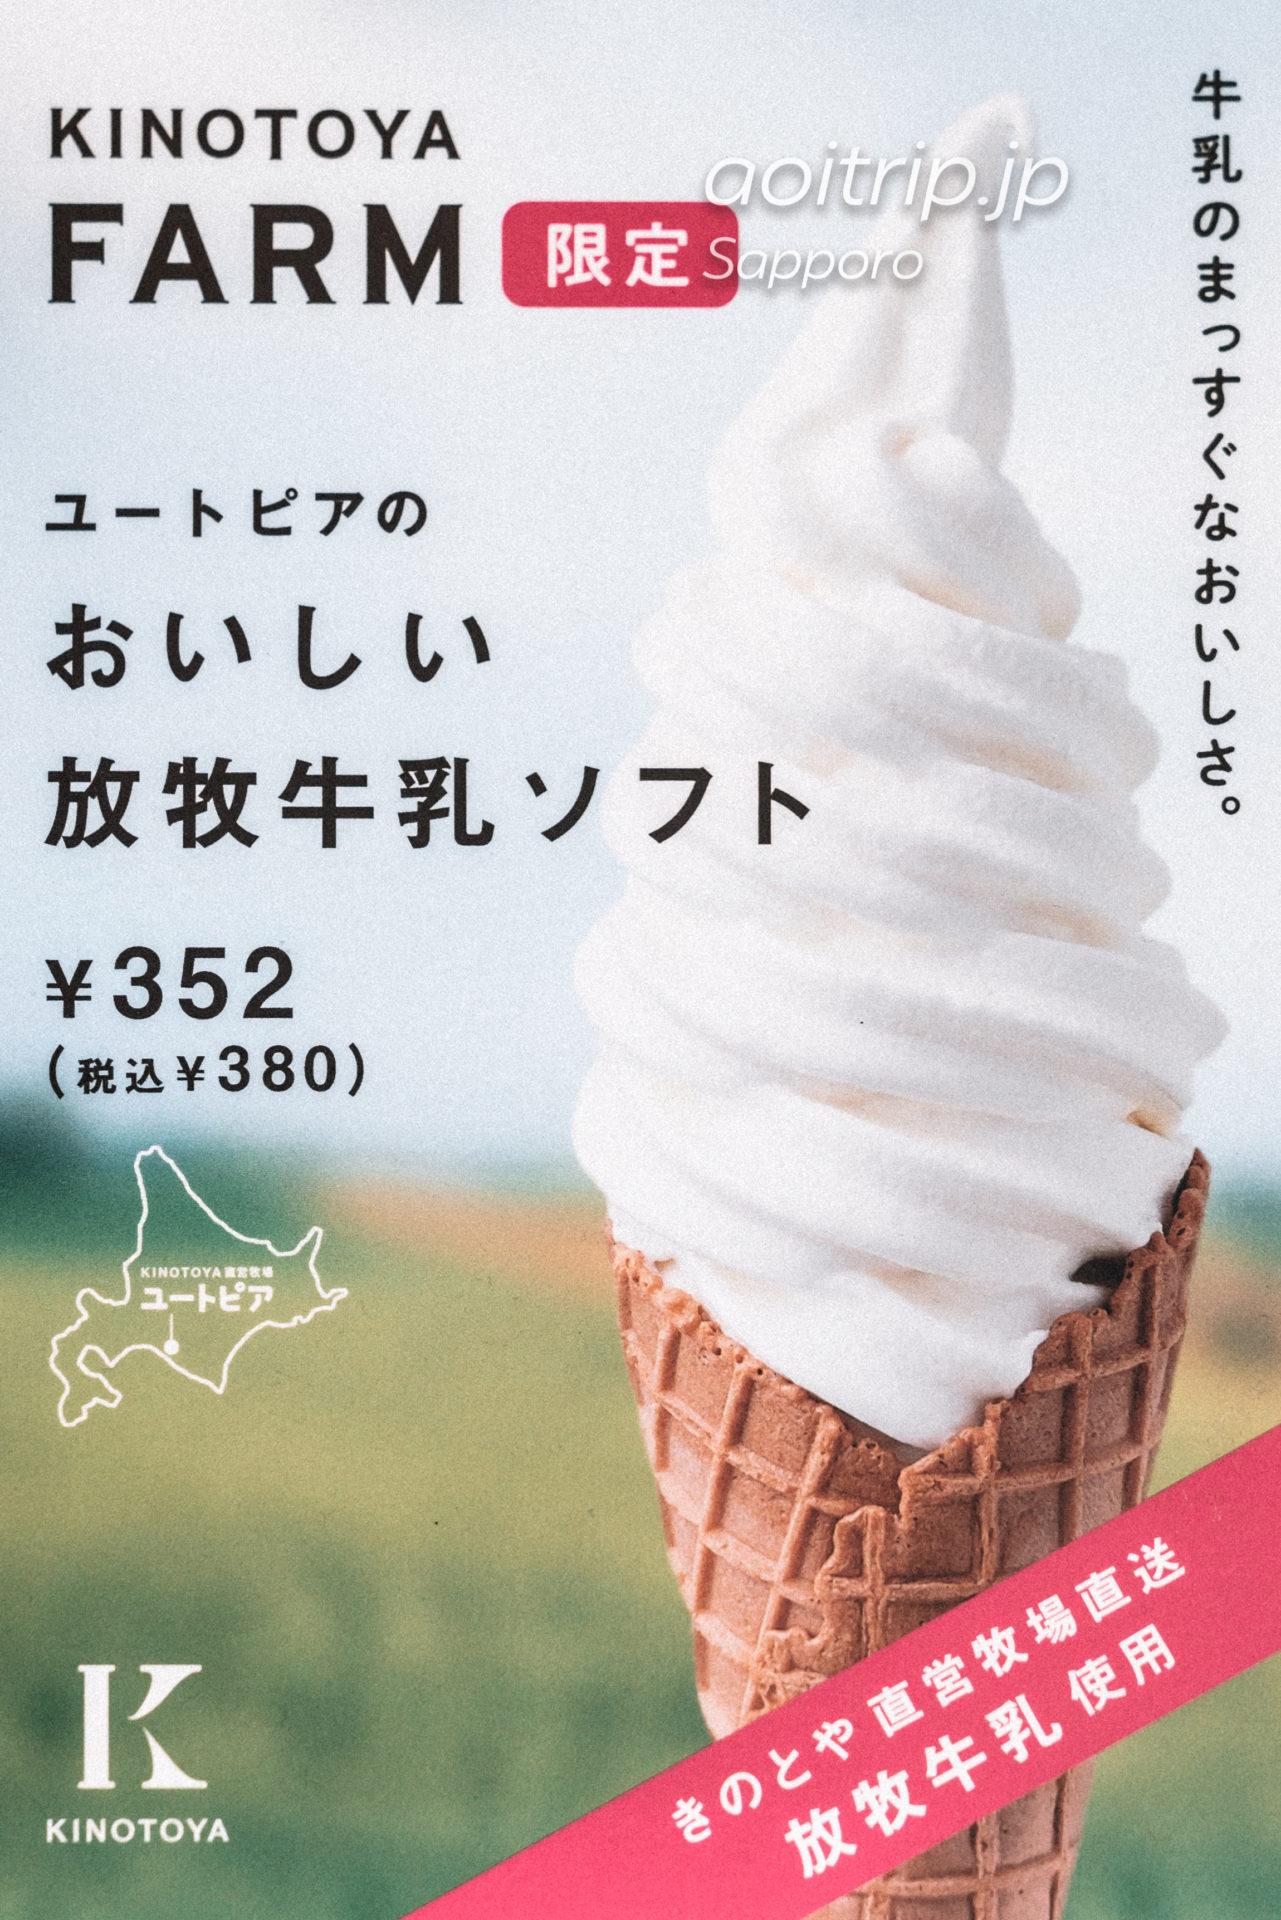 札幌大通 KINOTOYA FARM限定 ユートピアのおいしい放牧牛乳ソフト